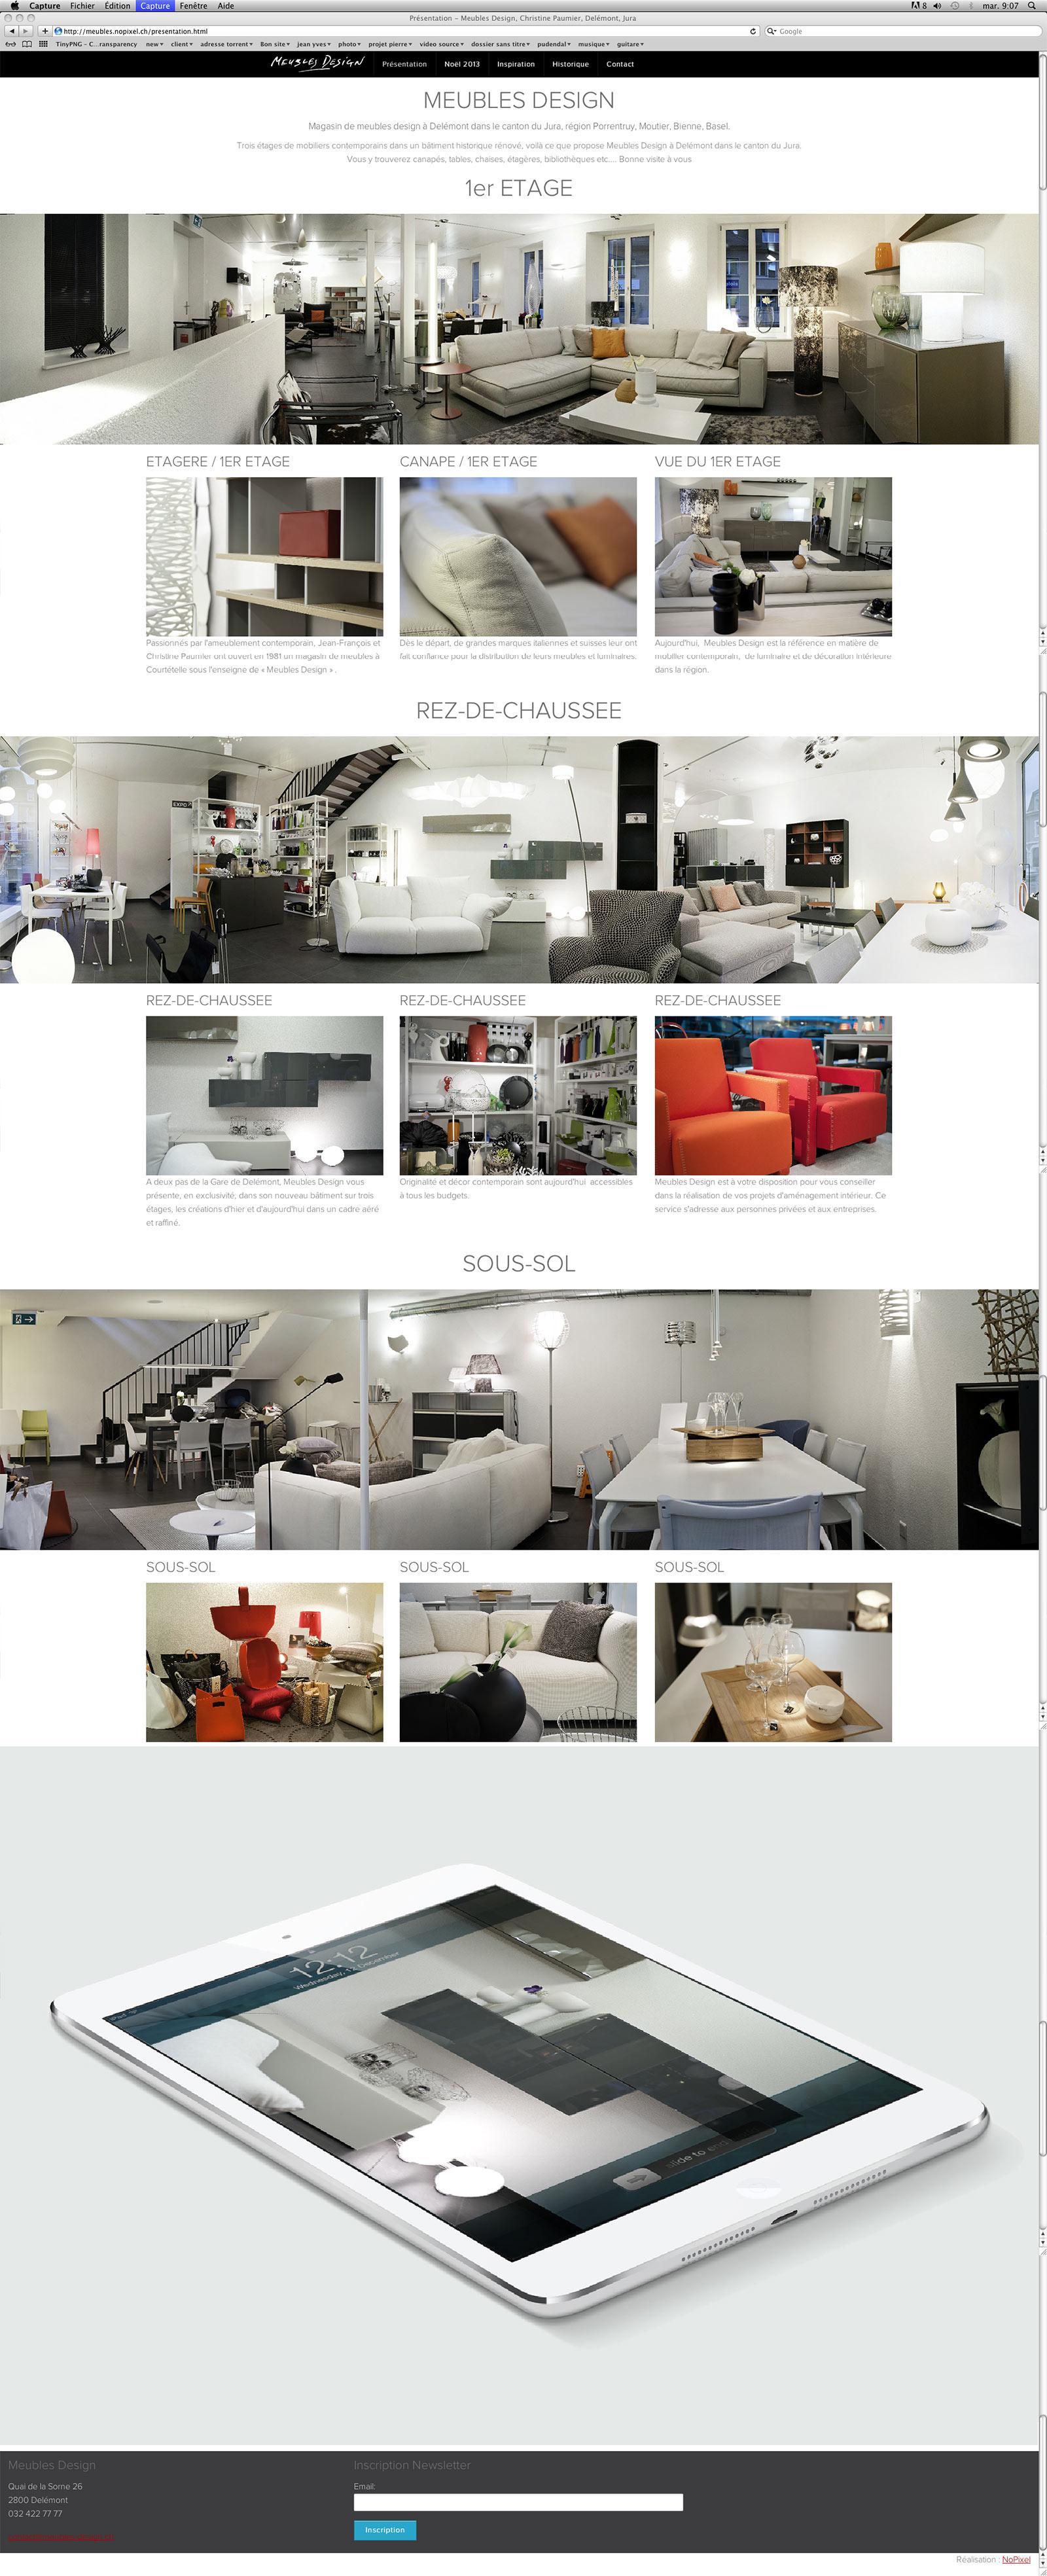 Meubles design nopixel communication visuelle for Site meuble design